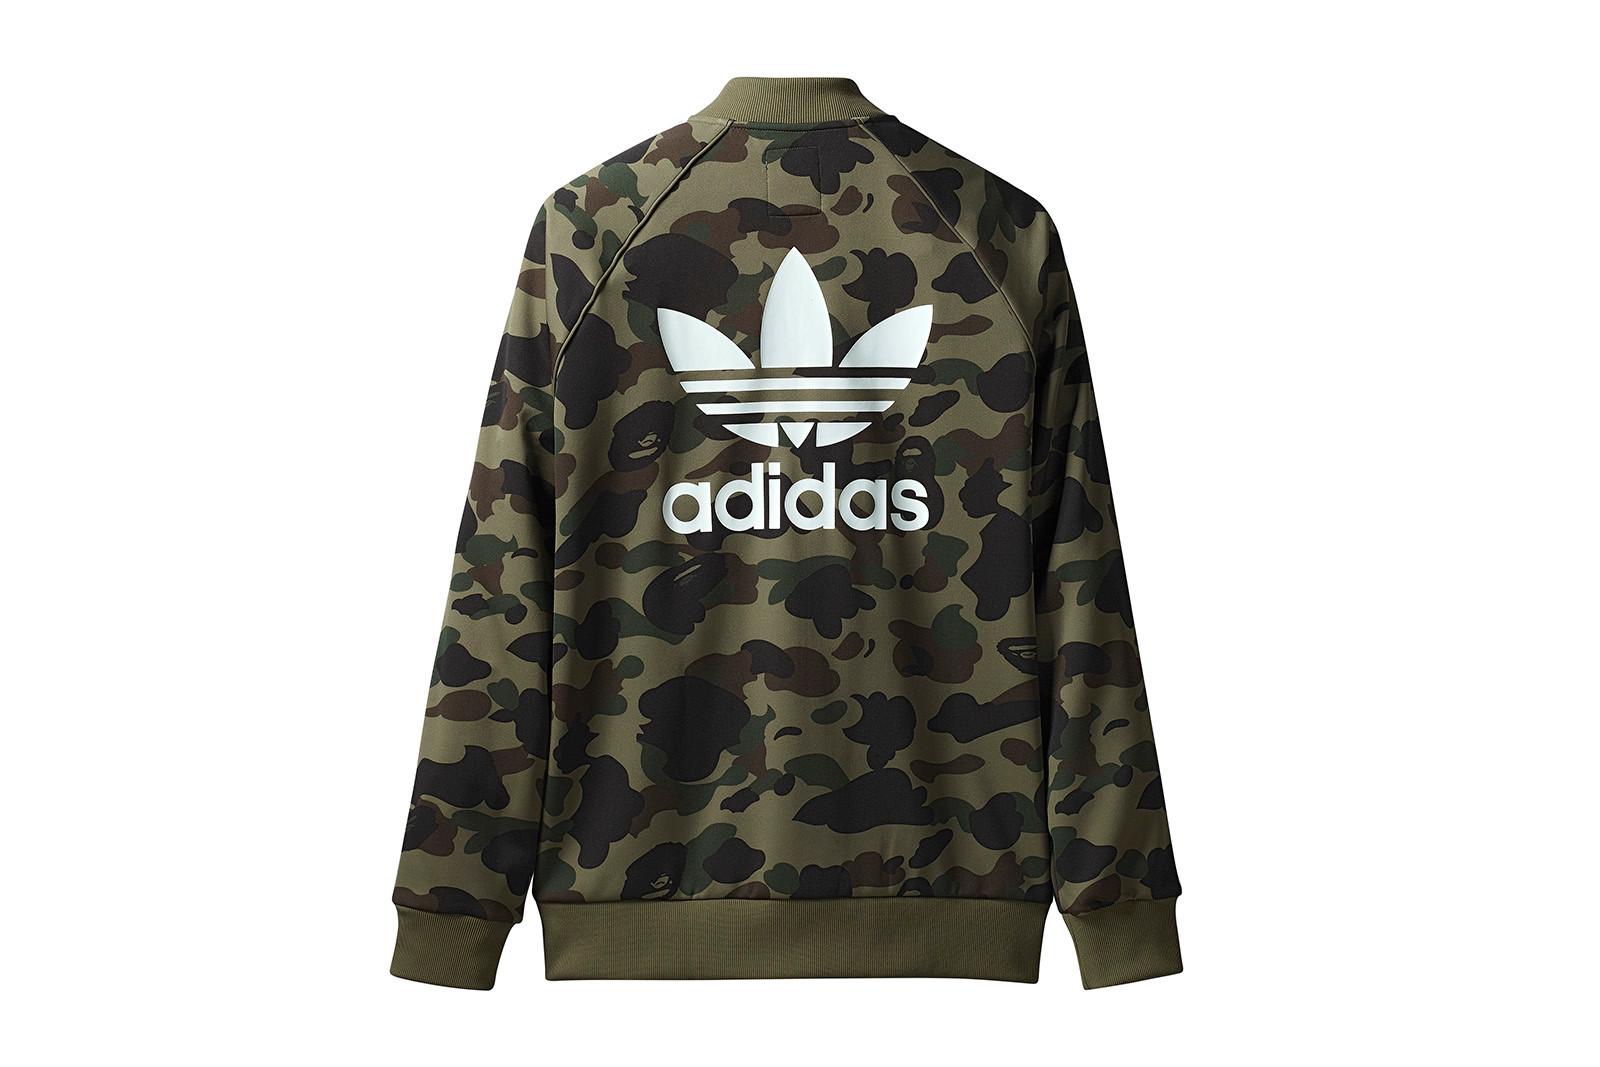 bape x adidas sweatshirt